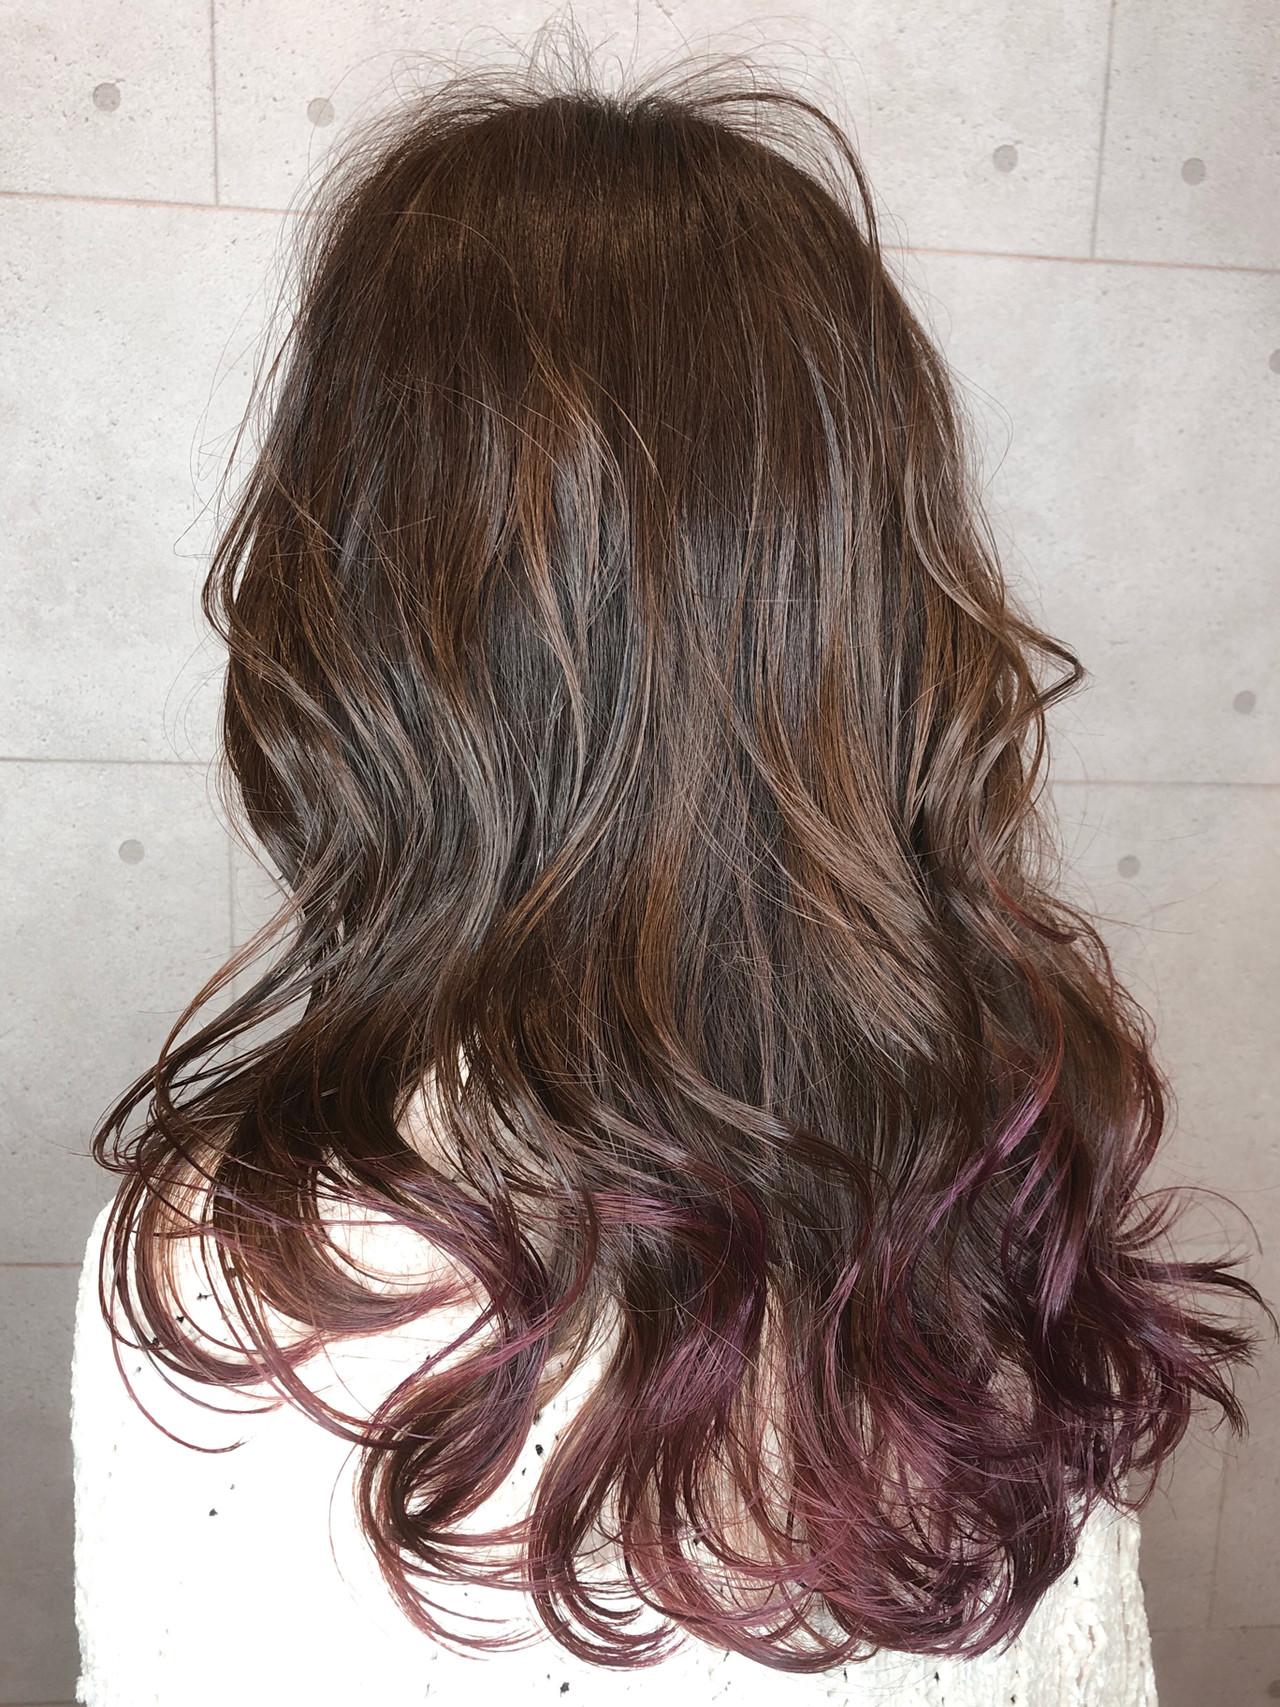 フェミニン グラデーションカラー グレージュ ハイライト ヘアスタイルや髪型の写真・画像